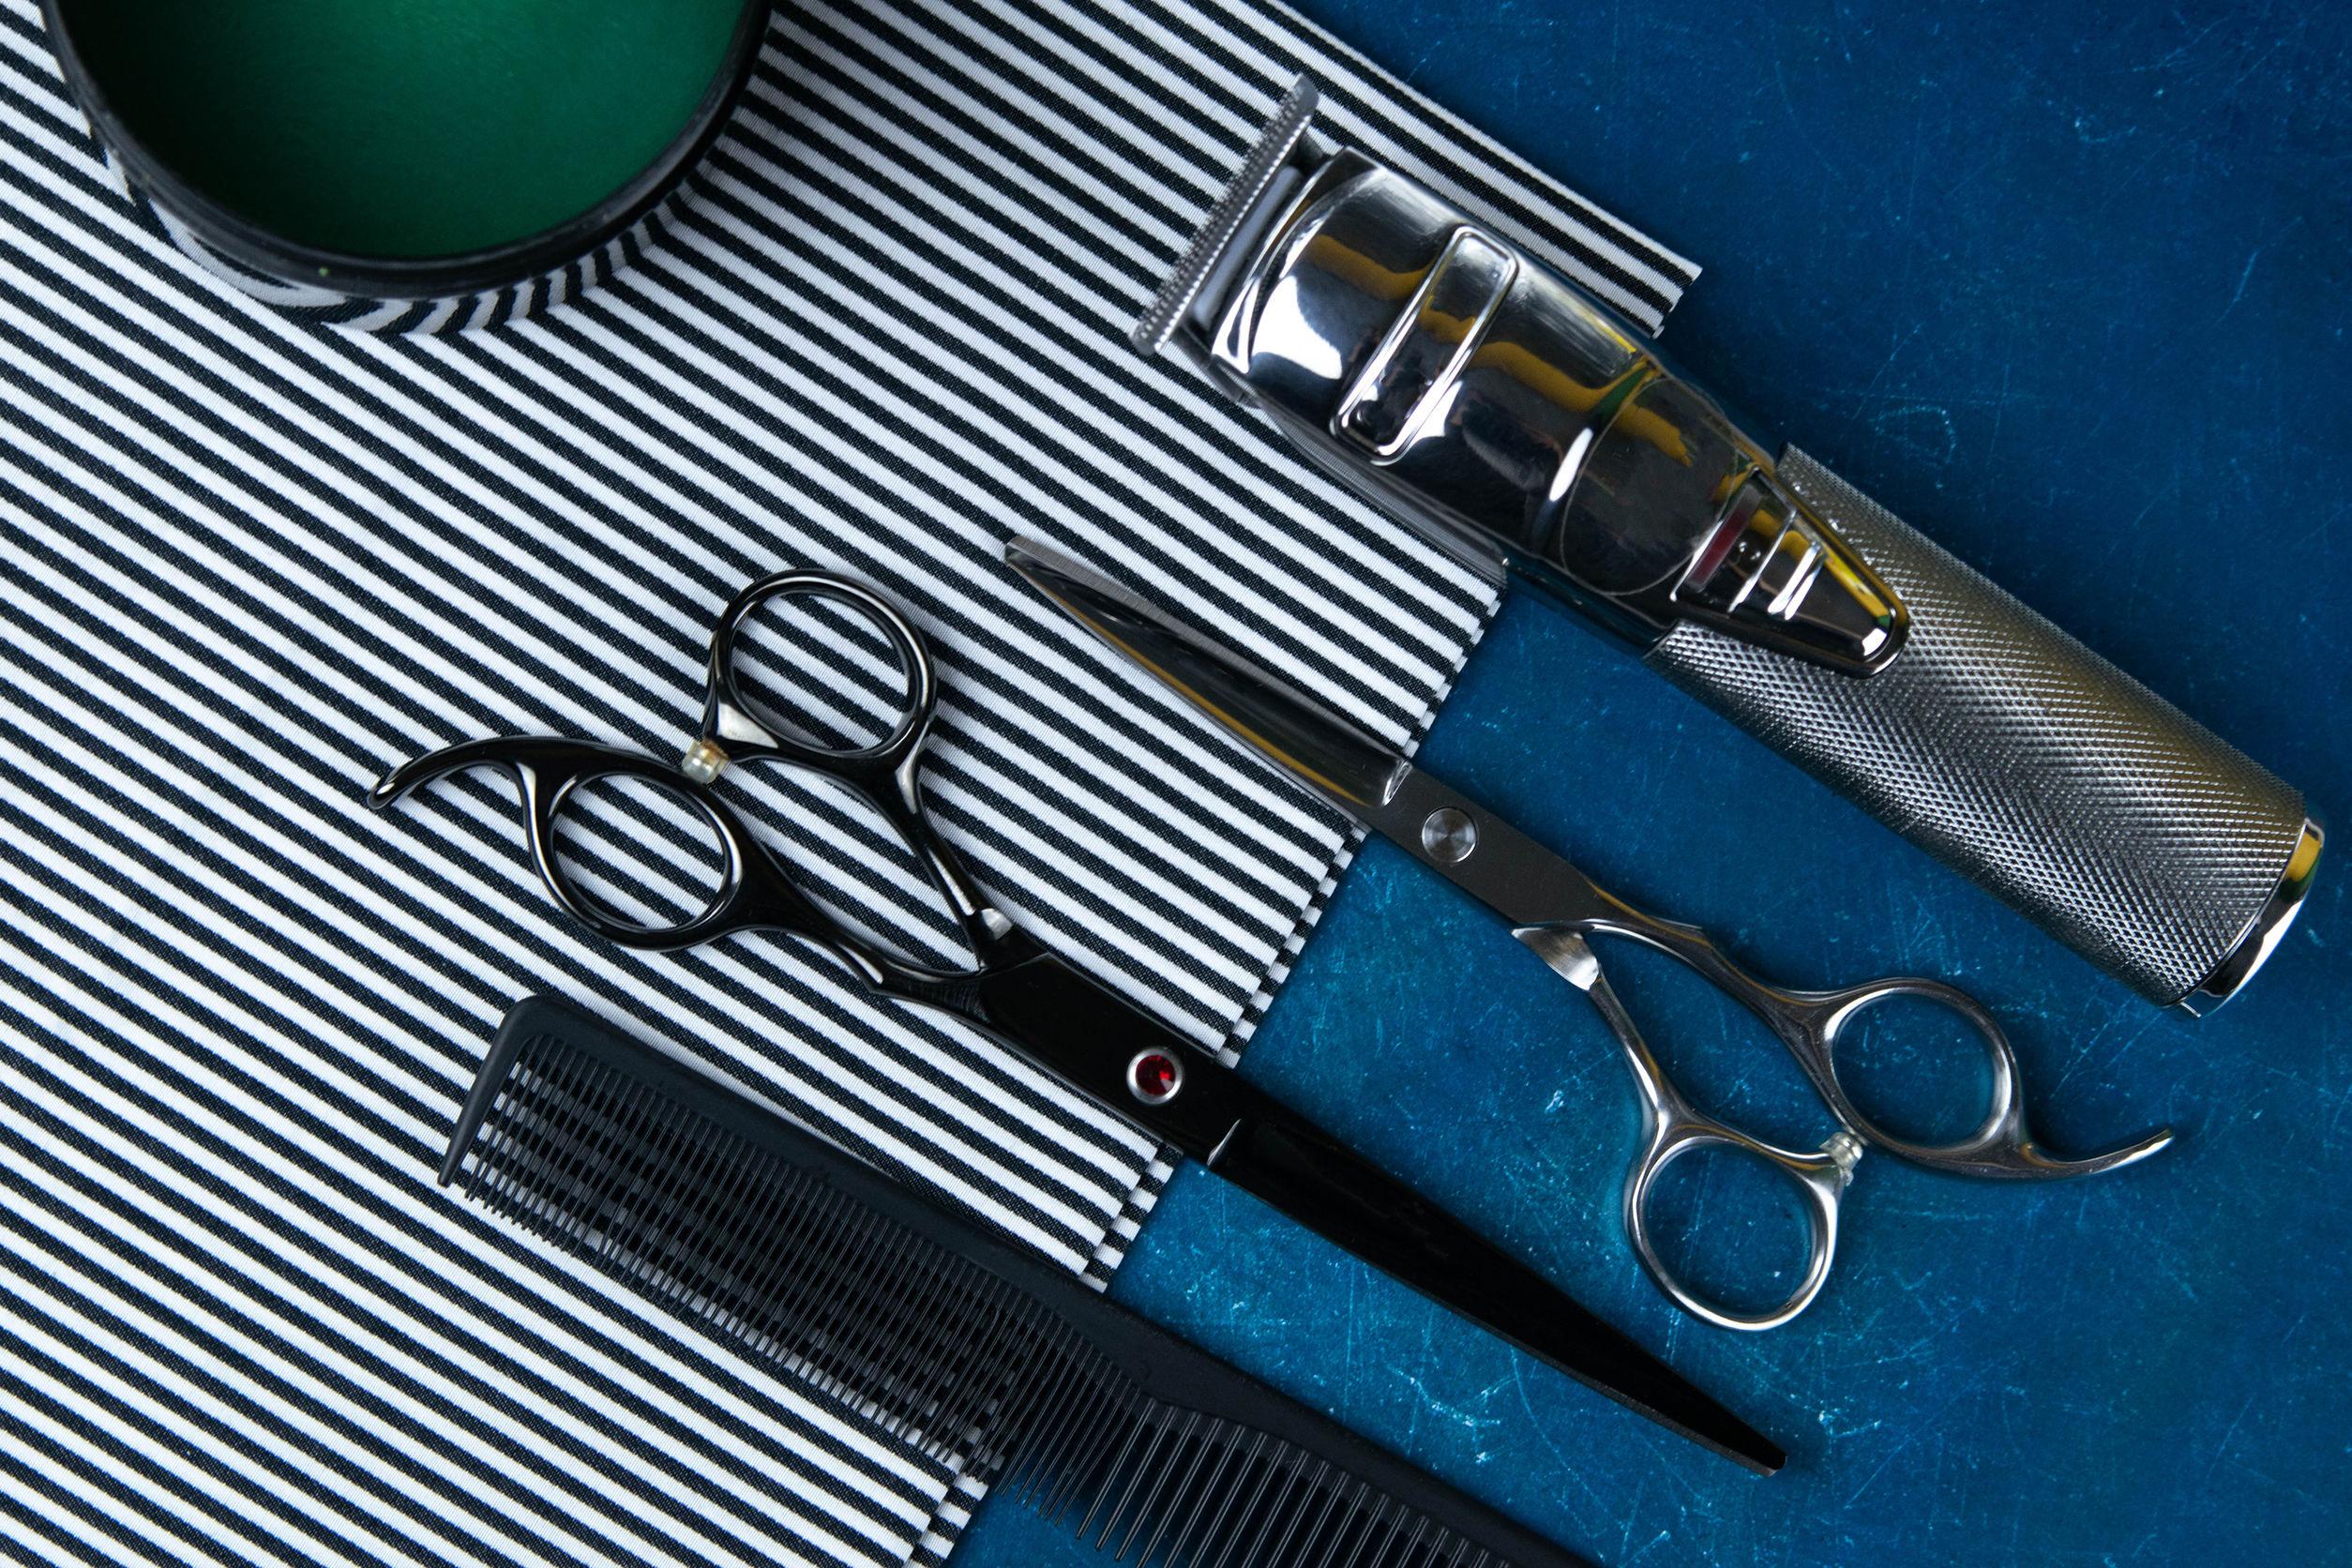 na máquina de corte de pelo con tijeras sobre una hermosa toalla a rayas que se encuentra sobre un fondo azul.